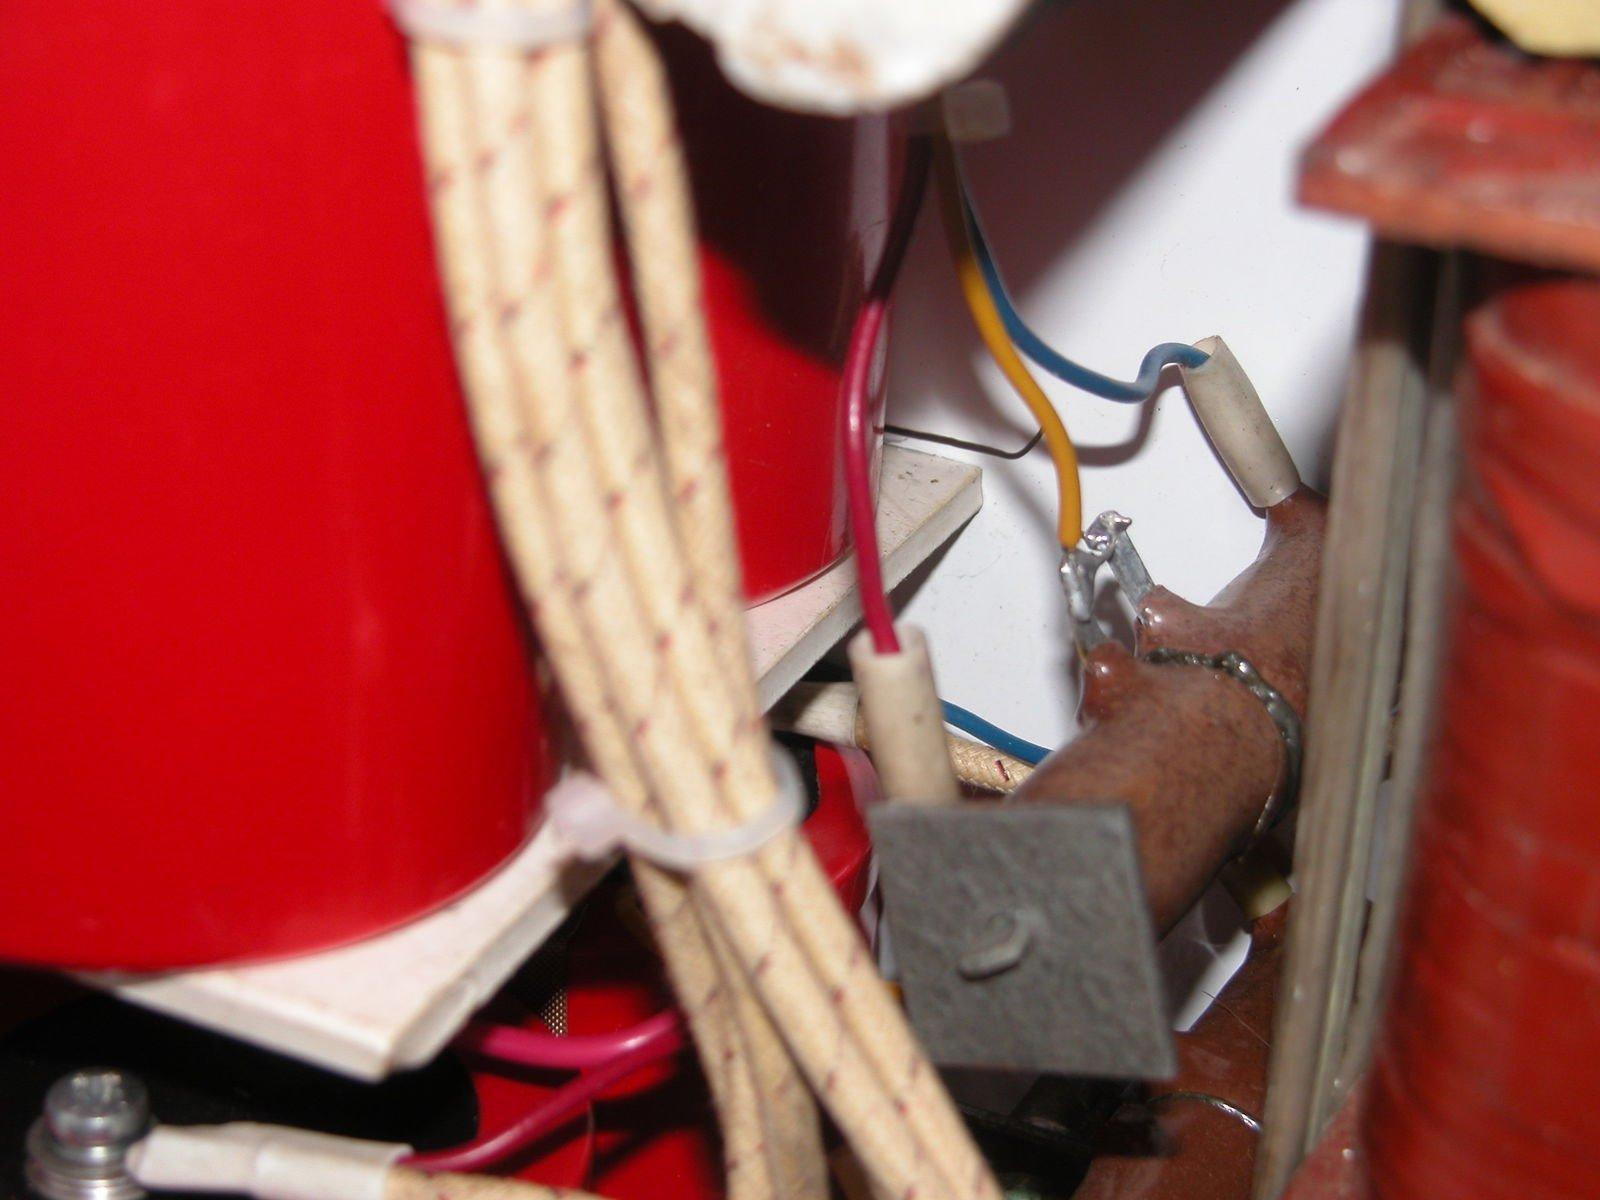 Шунтирующие резисторы 10 ком 25 ватт ПЭВ-25.